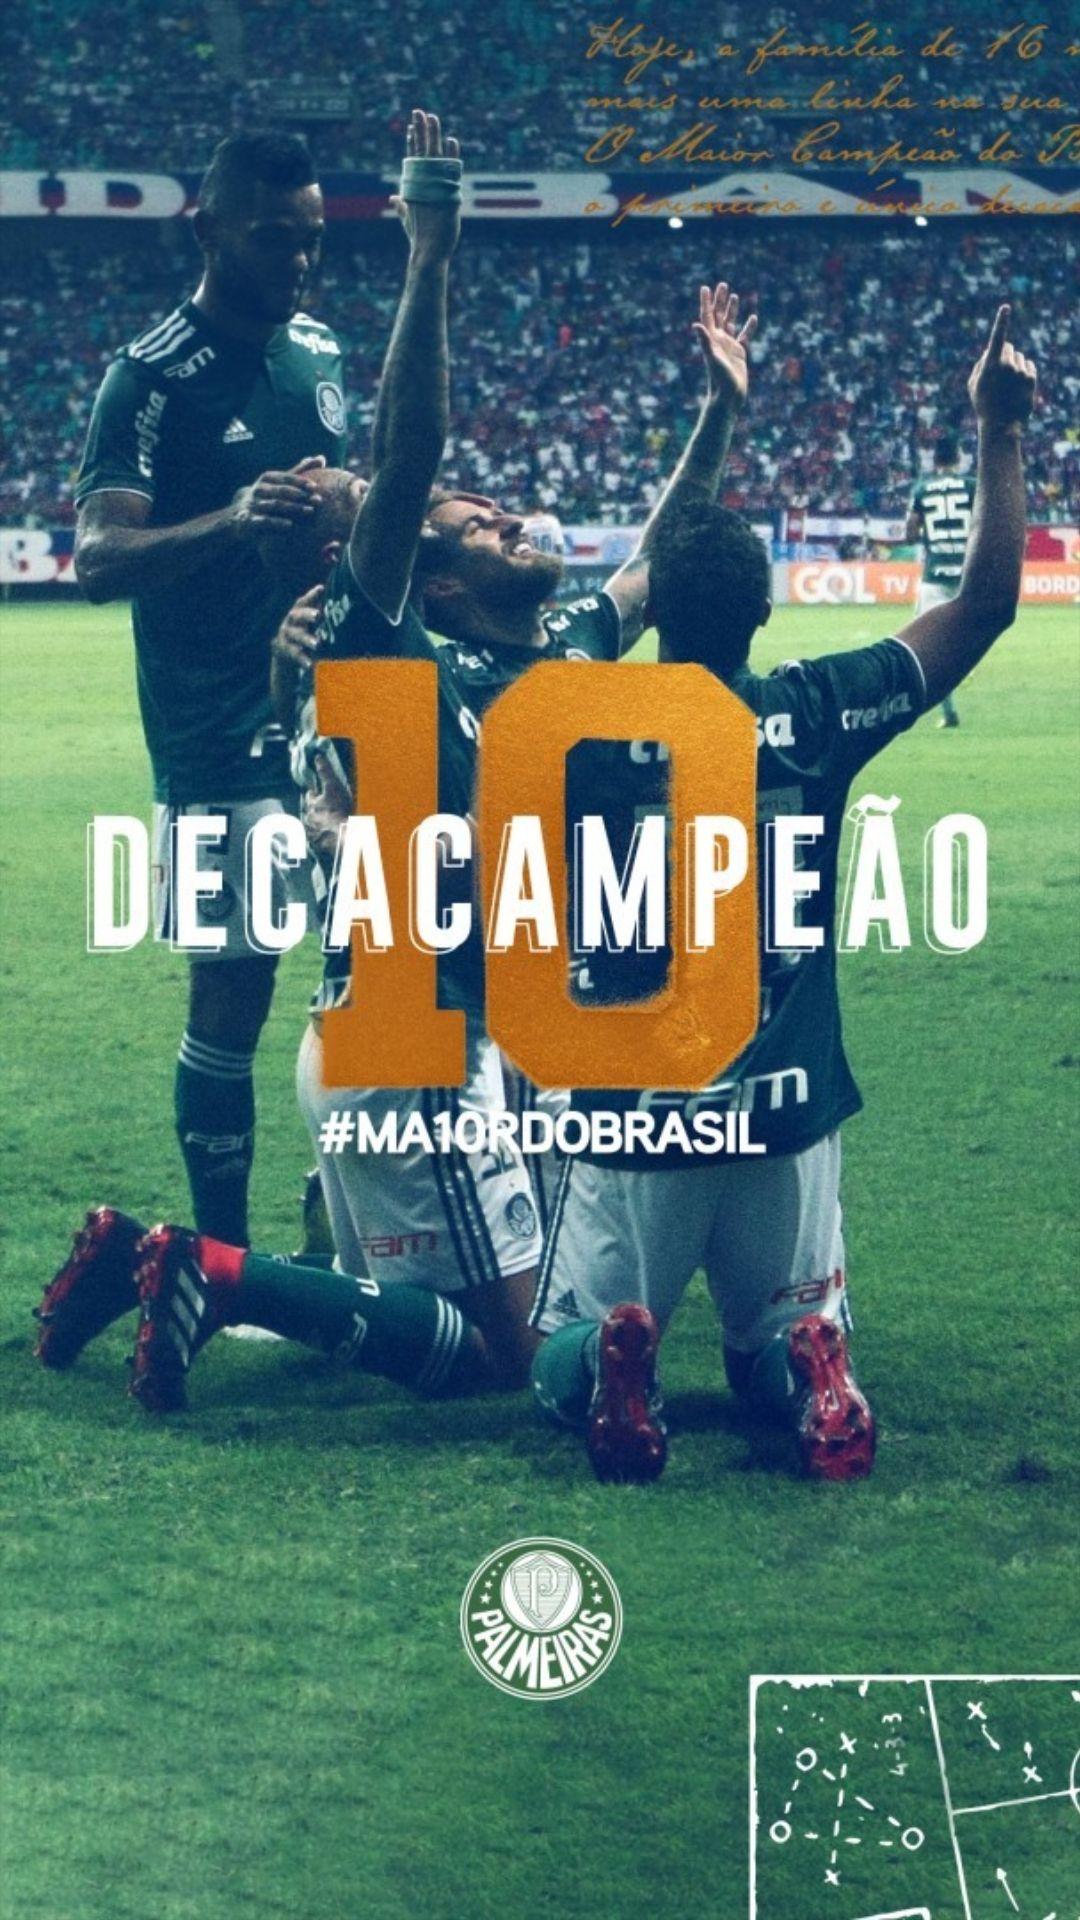 Palmeiras Decacampeão - Enzo Sunahara Copywriter